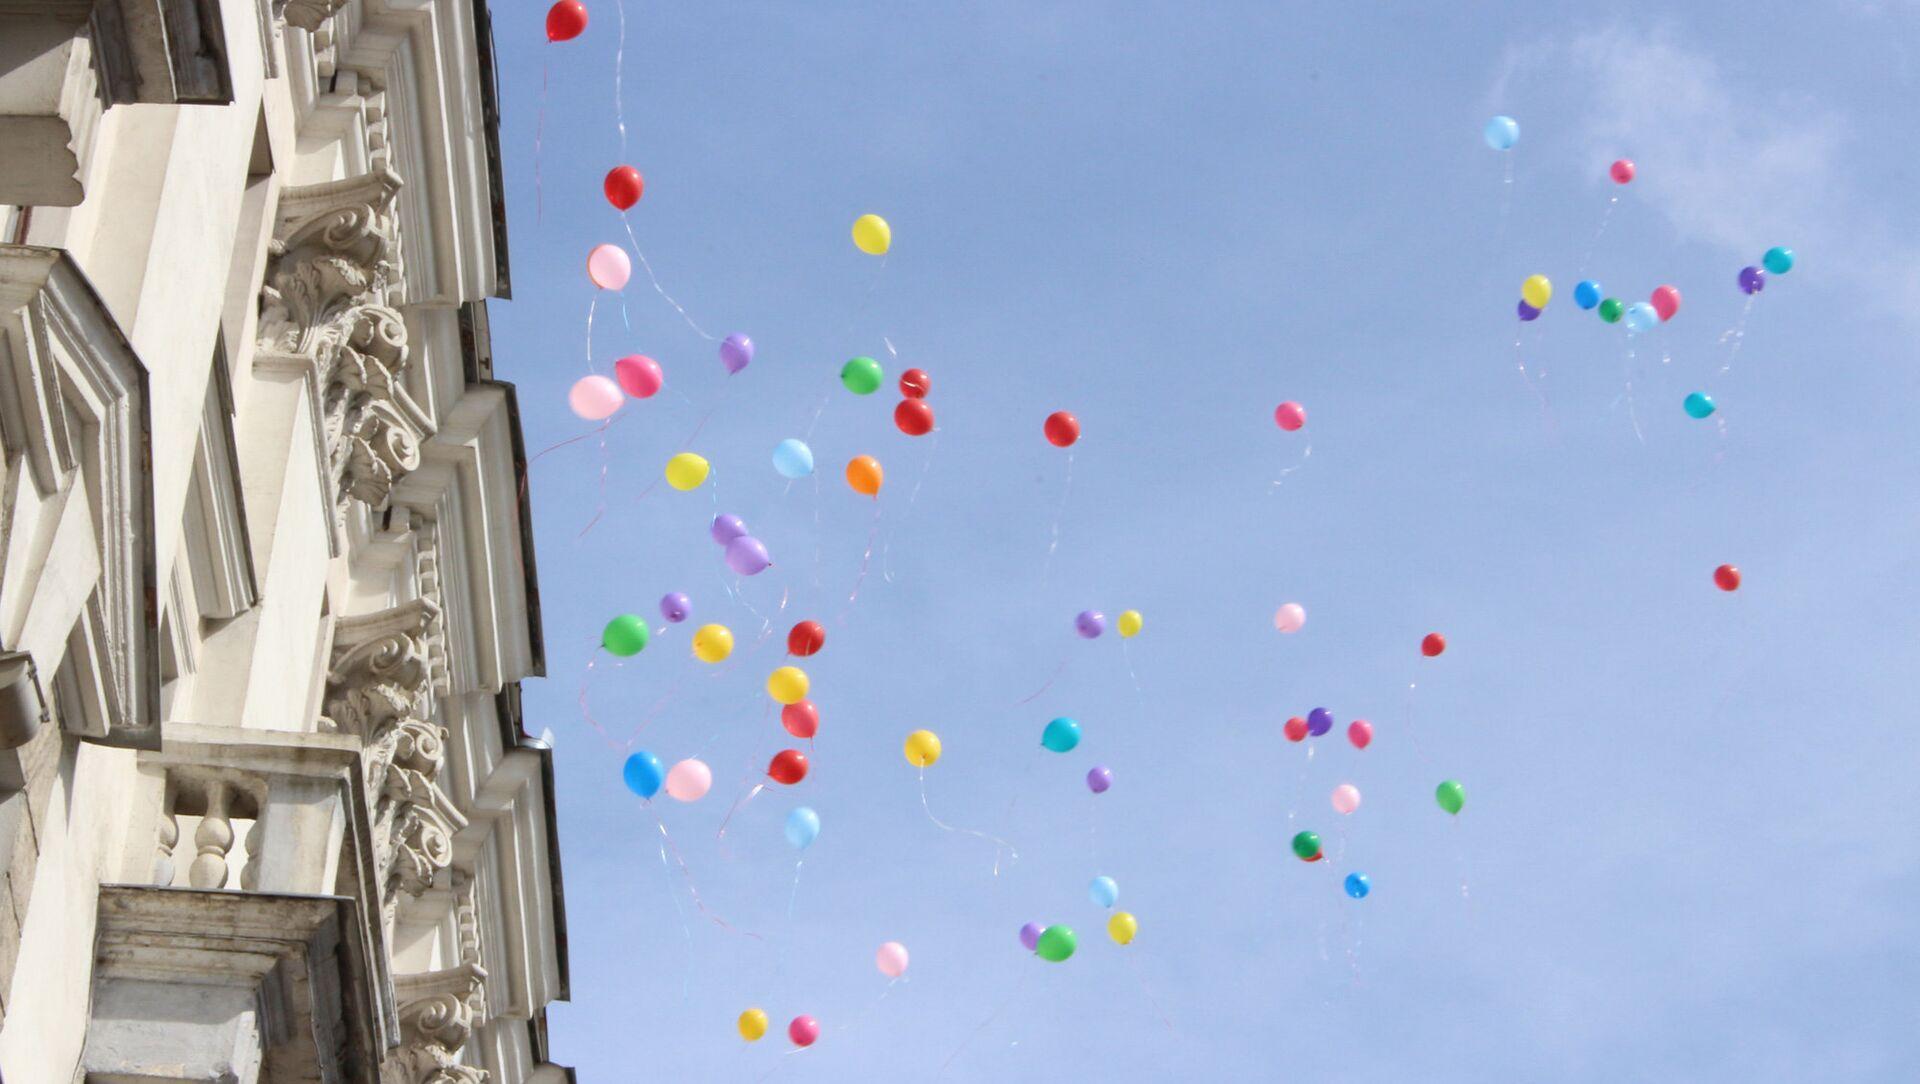 На открытии запустили воздушные шары - Sputnik Беларусь, 1920, 28.05.2021